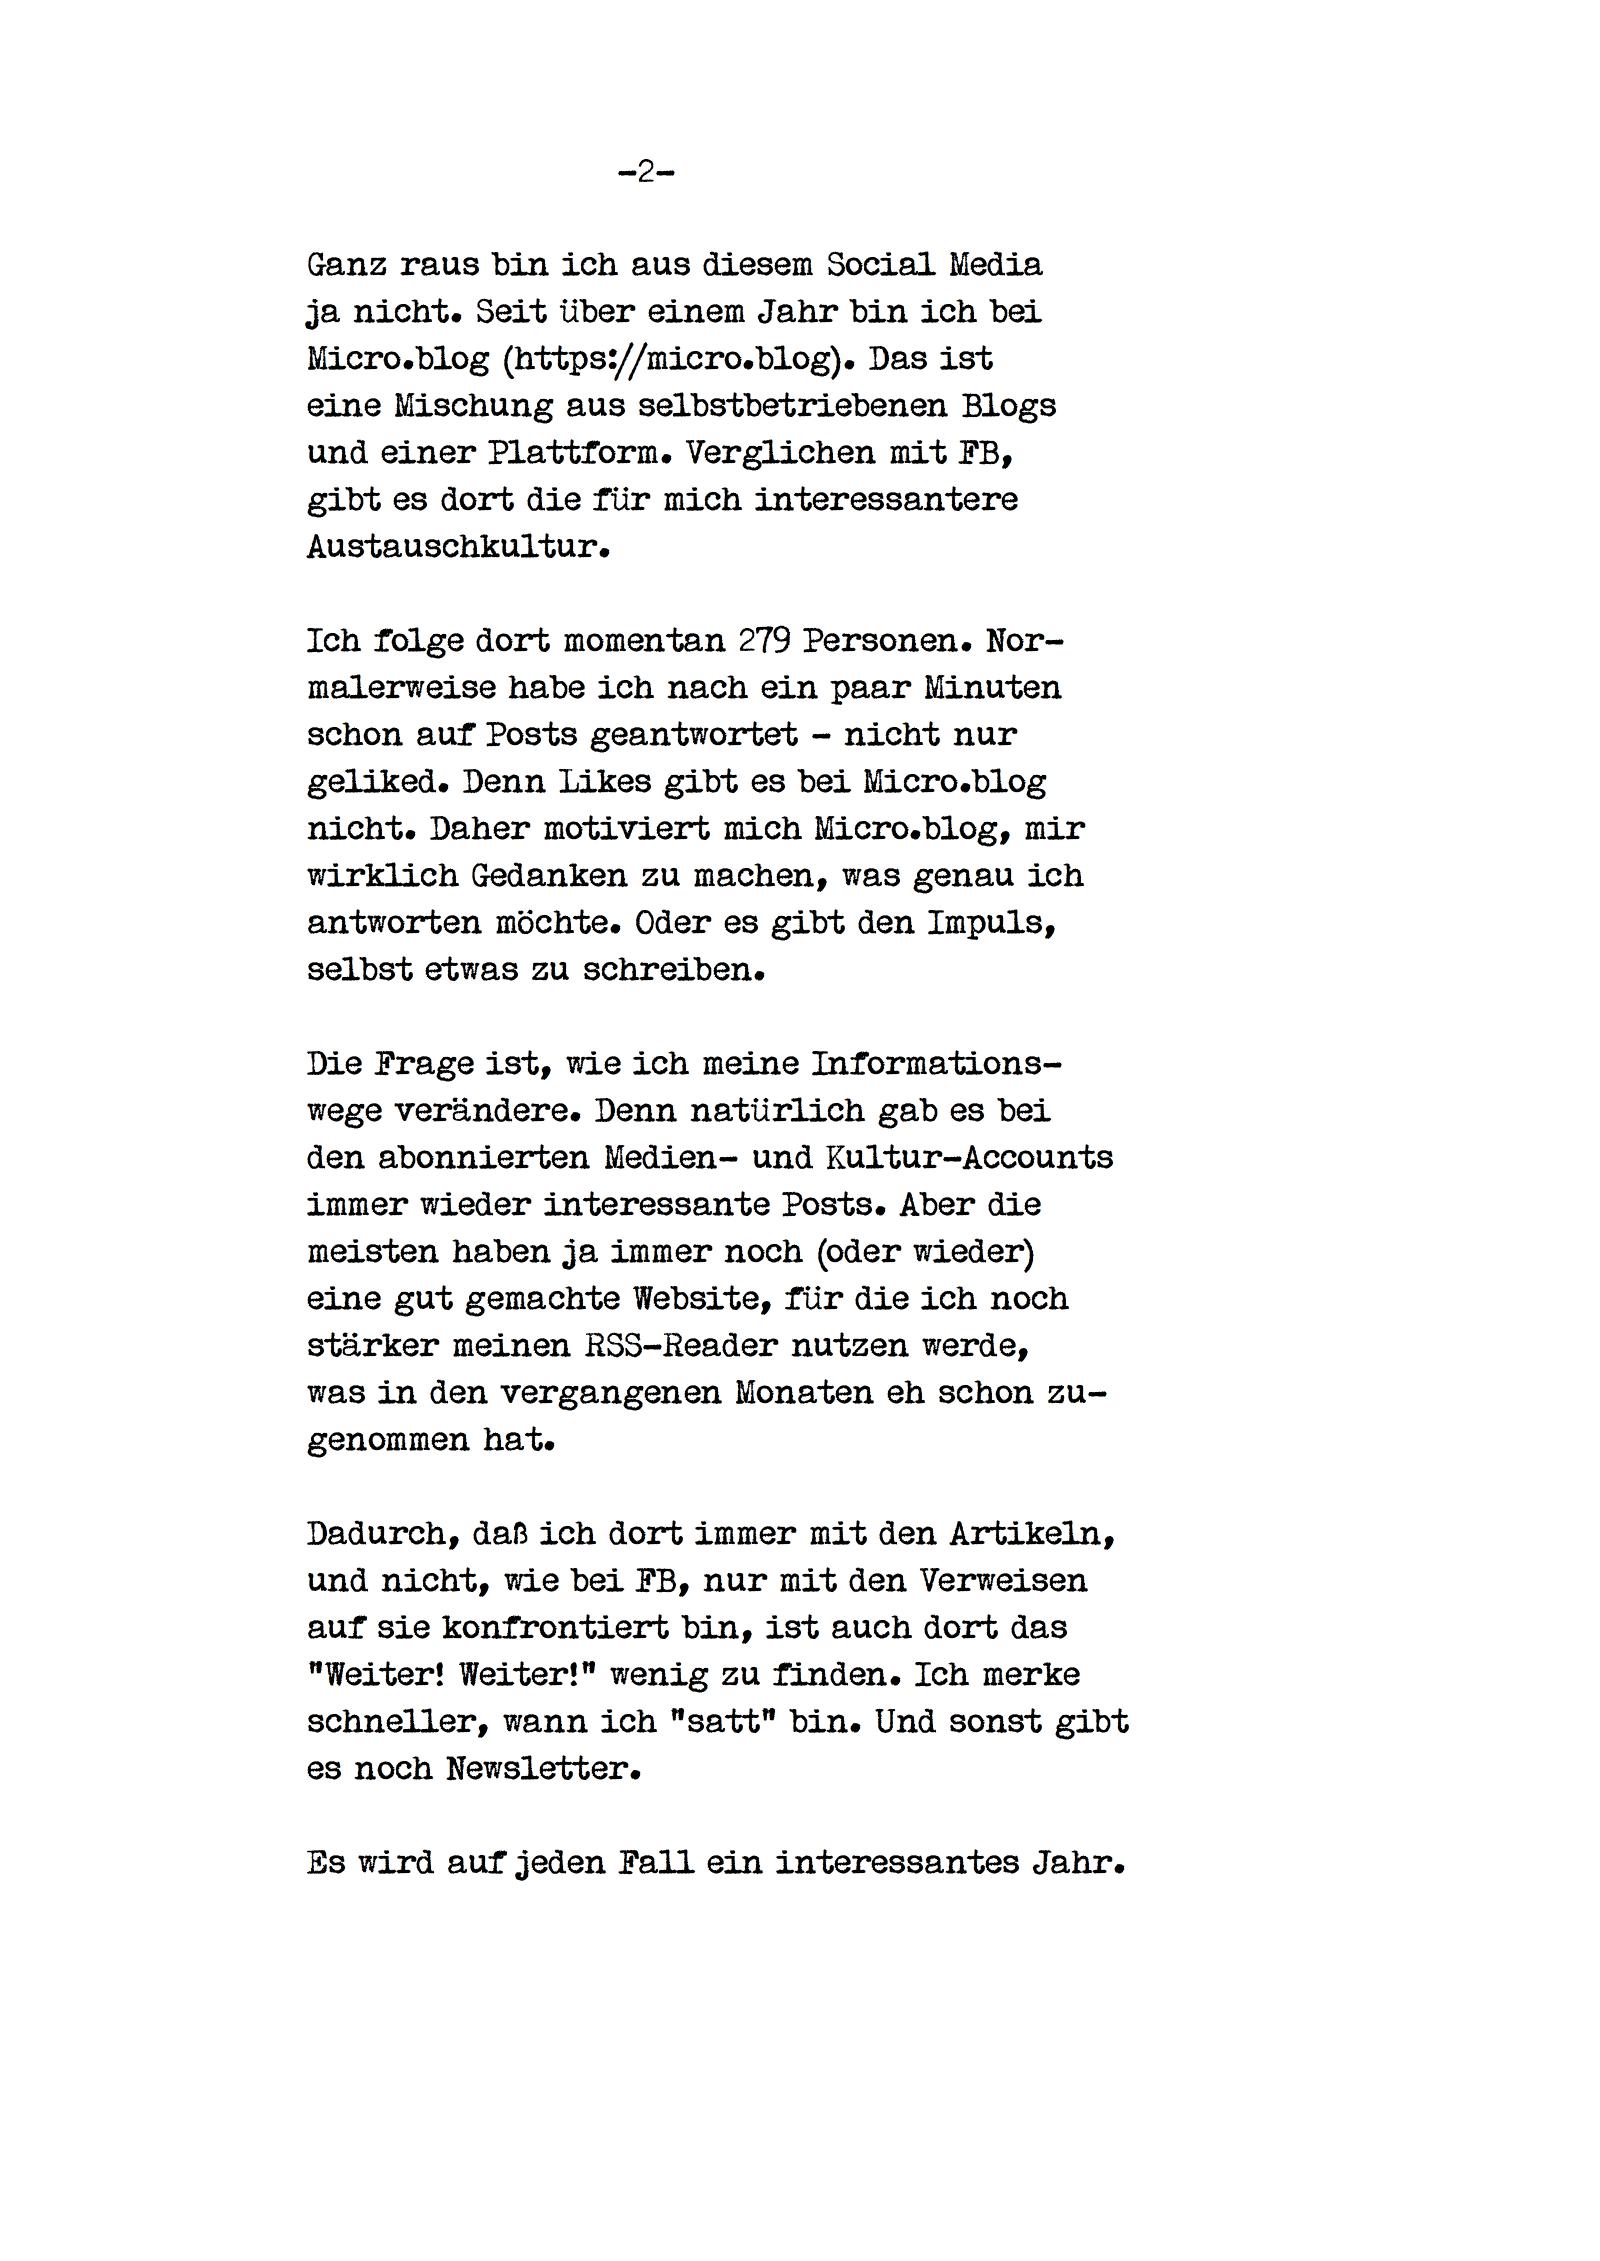 Schreibmaschinentext Seite 2 - es gibt ein Posting mit vorlesbaren Text, Link zu Beginn des Postings